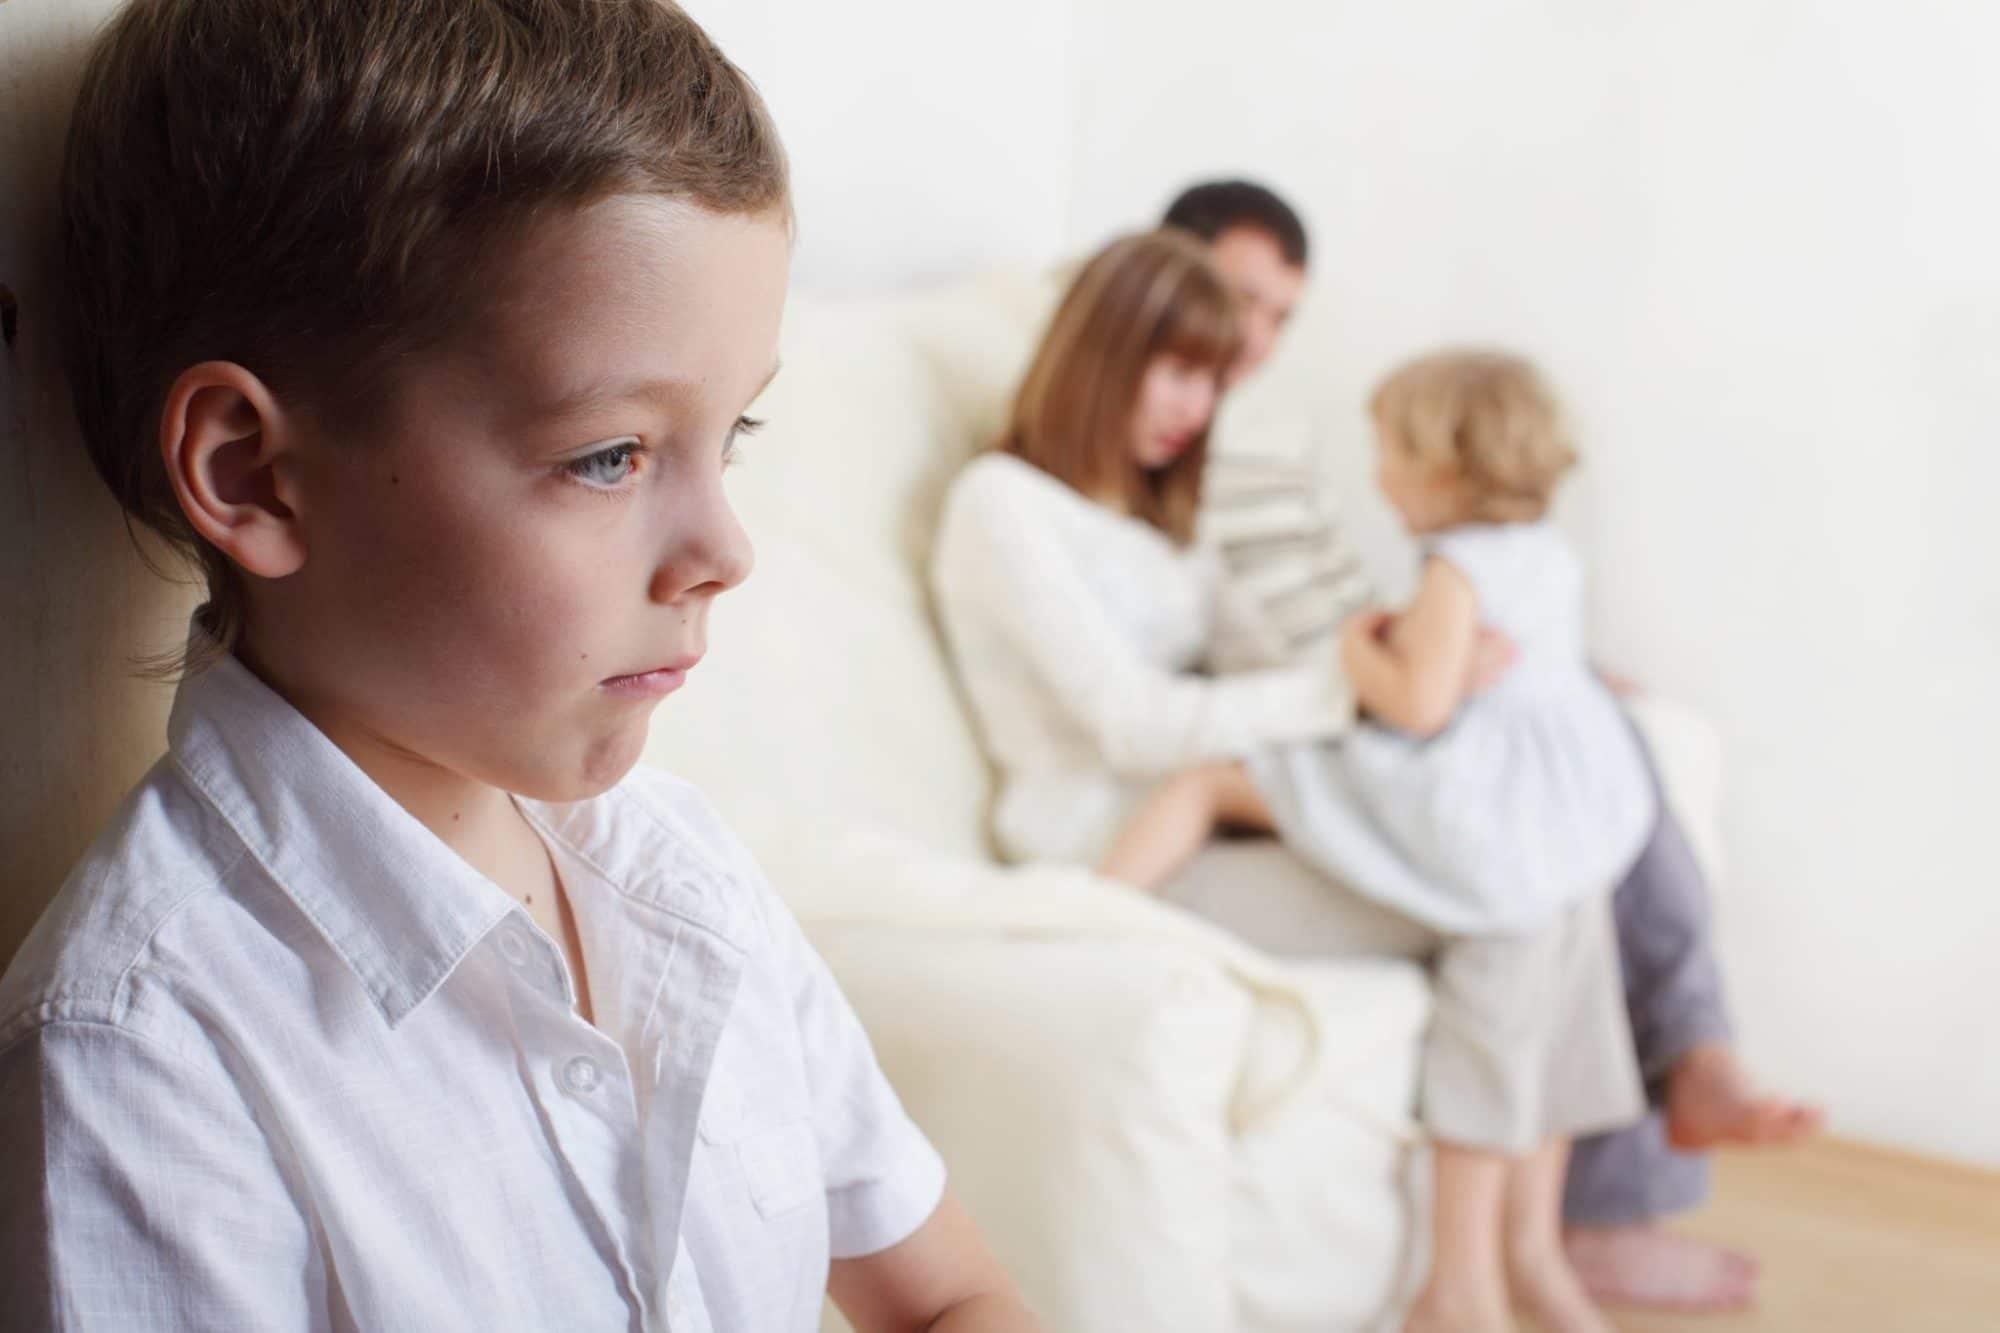 Советы психолога: что делать с детской ревностью, если рождается второй ребенок